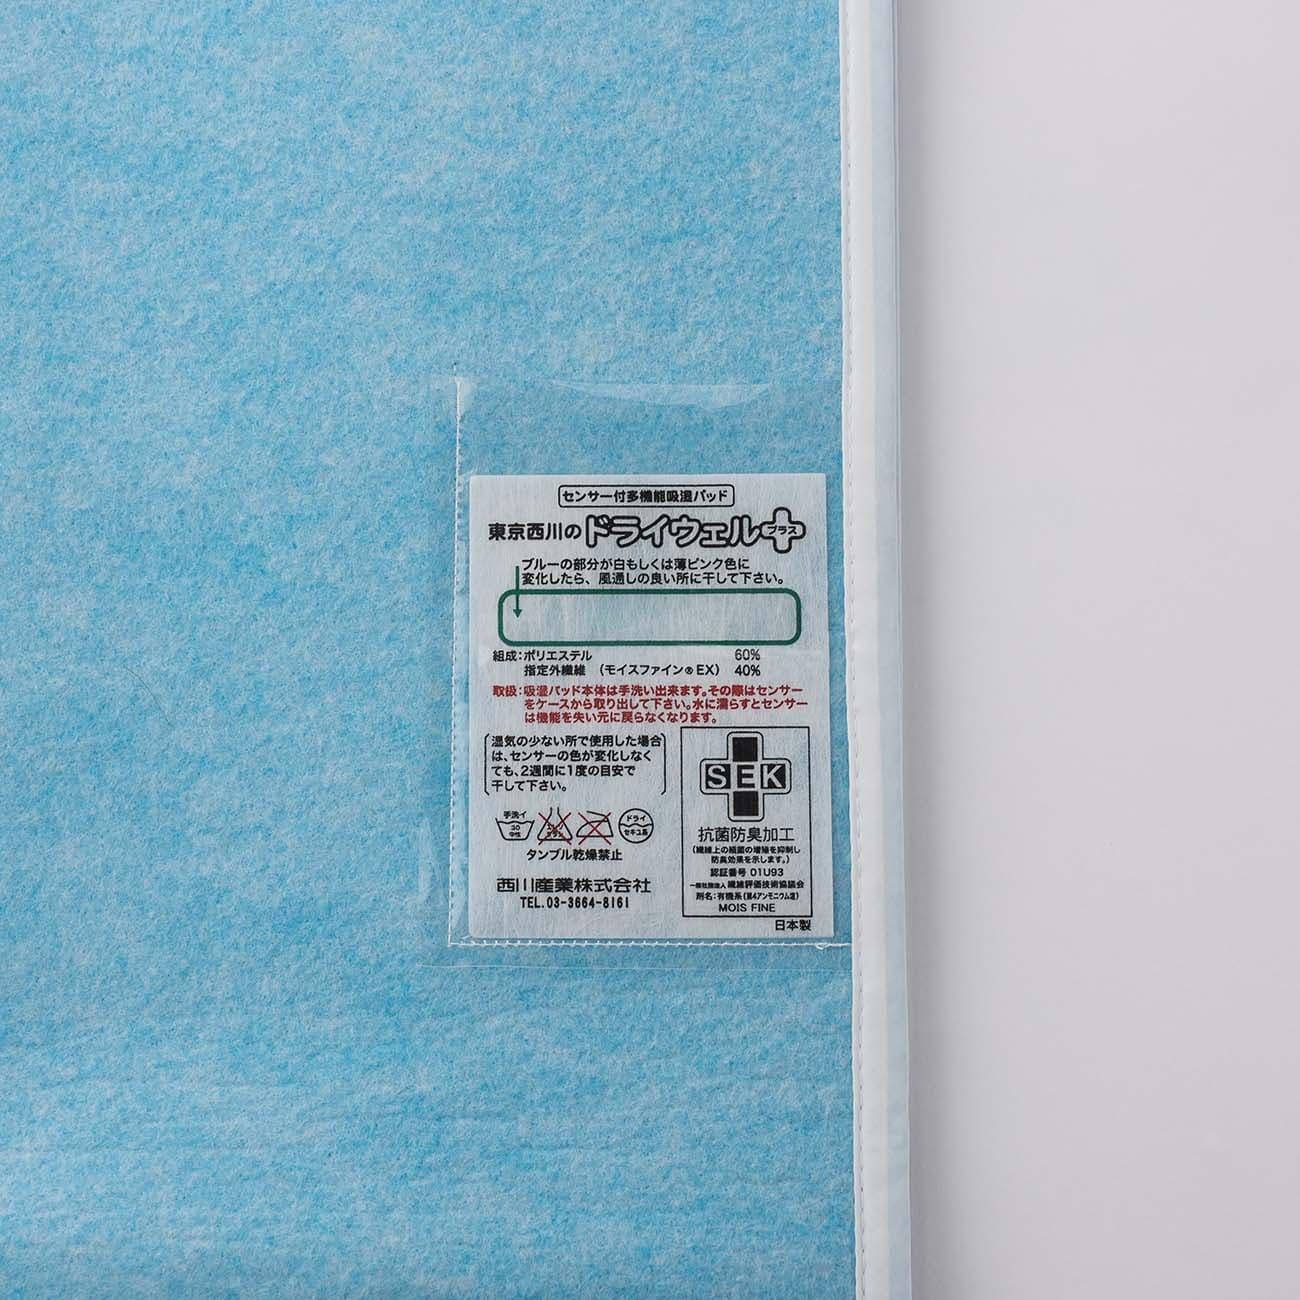 西川の吸湿パッド ドライウェルプラス セミダブルサイズ(ブルー)